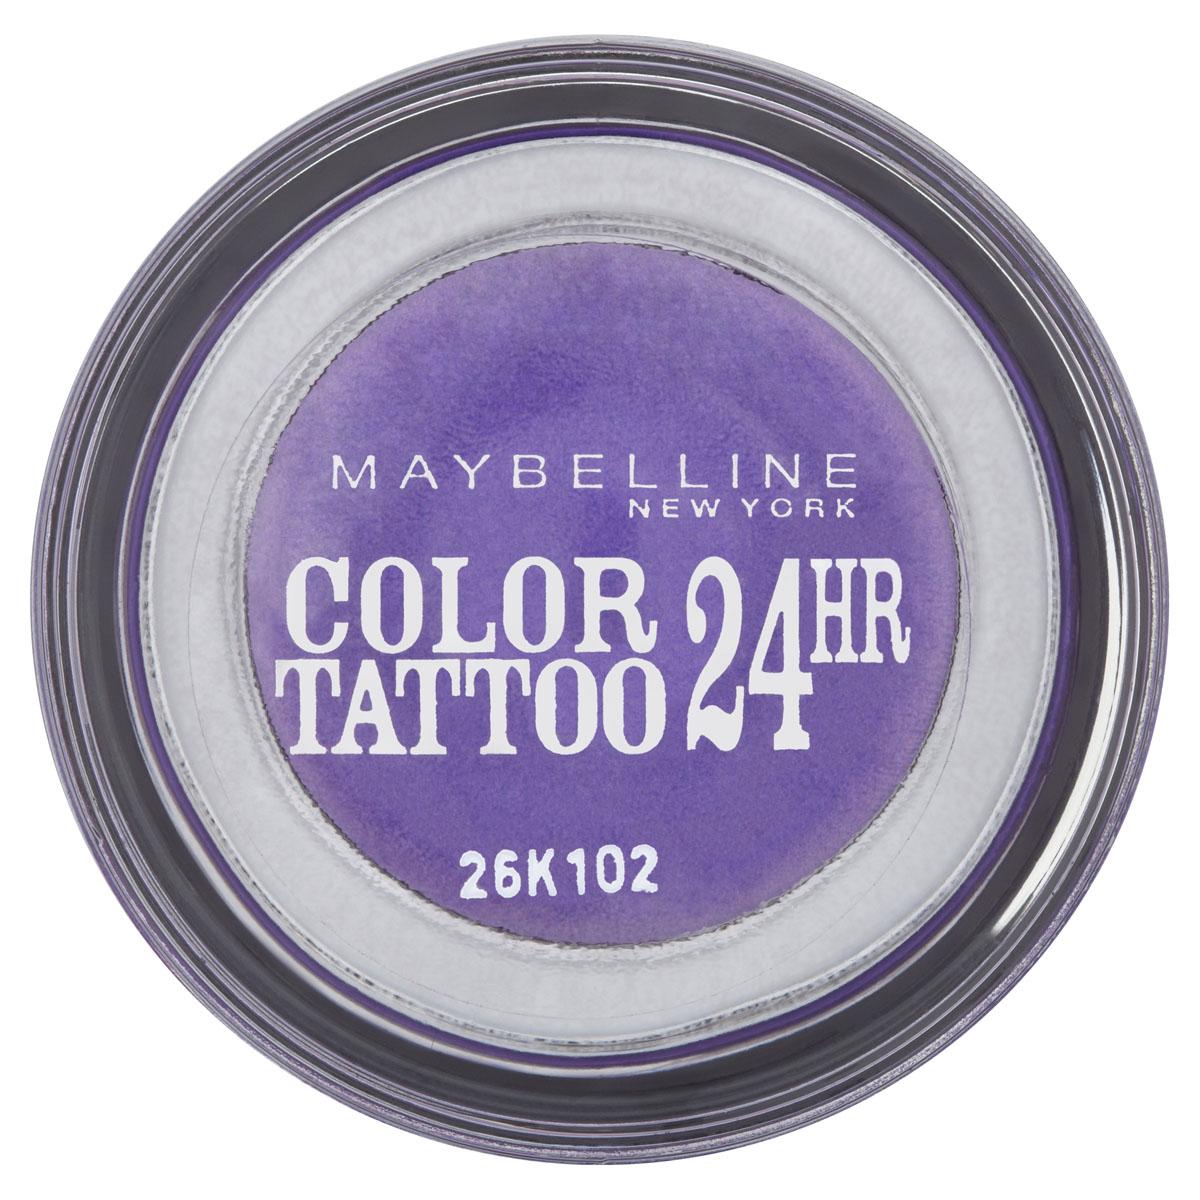 Maybelline New York Тени для век Color Tattoo 24 часа, оттенок 15, Бесконечно фиолетовый, 3,5 млB1949200Технология тату-пигментов создает яркий, супернасыщенный цвет. Крем-гелевая текстура обеспечивает ультралегкое нанесение и стойкость на 24 часа. 12 оттенков